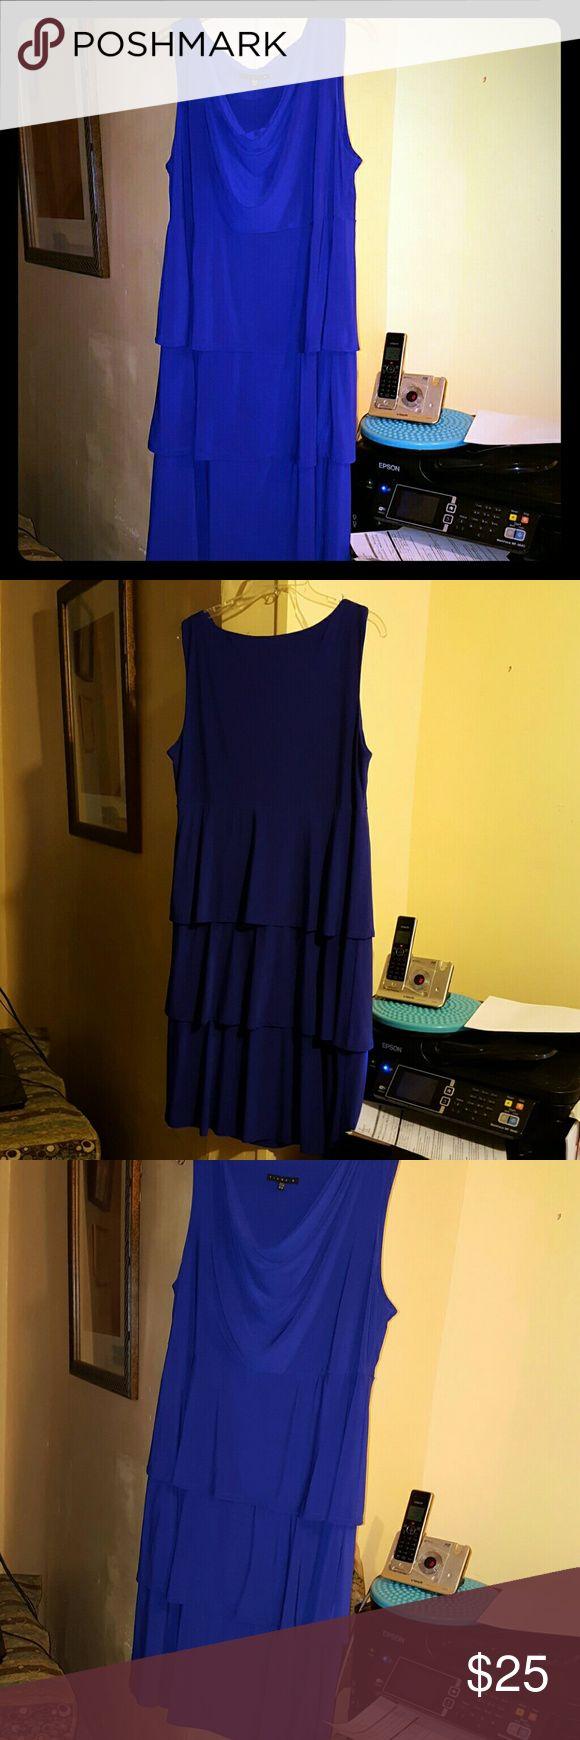 Dress, Royal blue 16W Tiana B. Tiana B. Dresses Midi